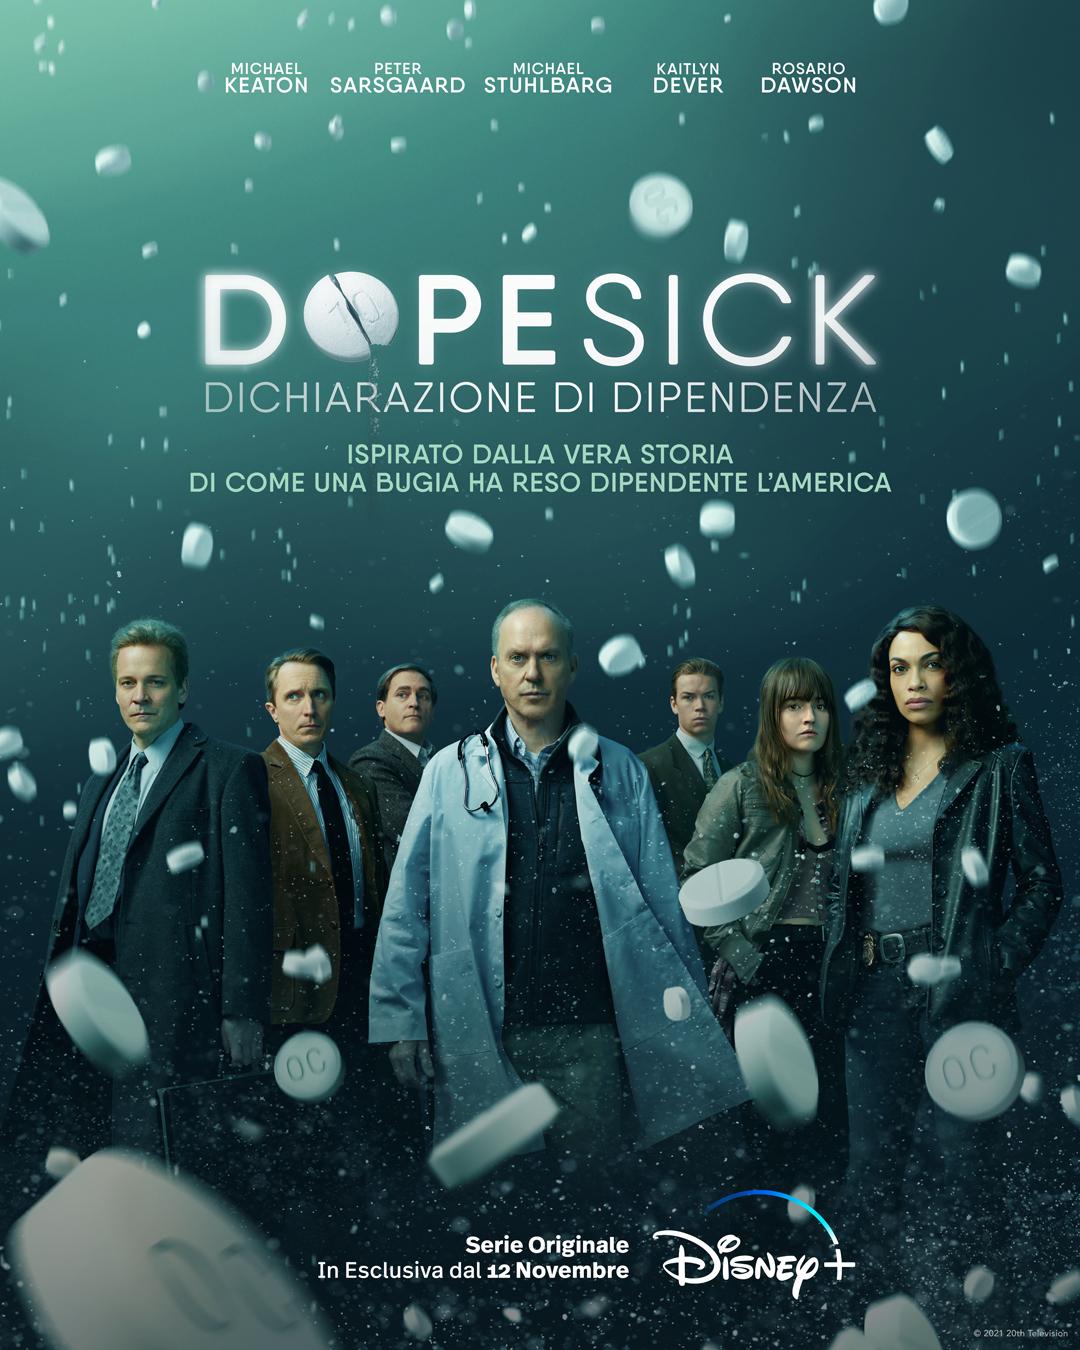 una pioggia di pillola investe i protagonisti della serie - nerdface